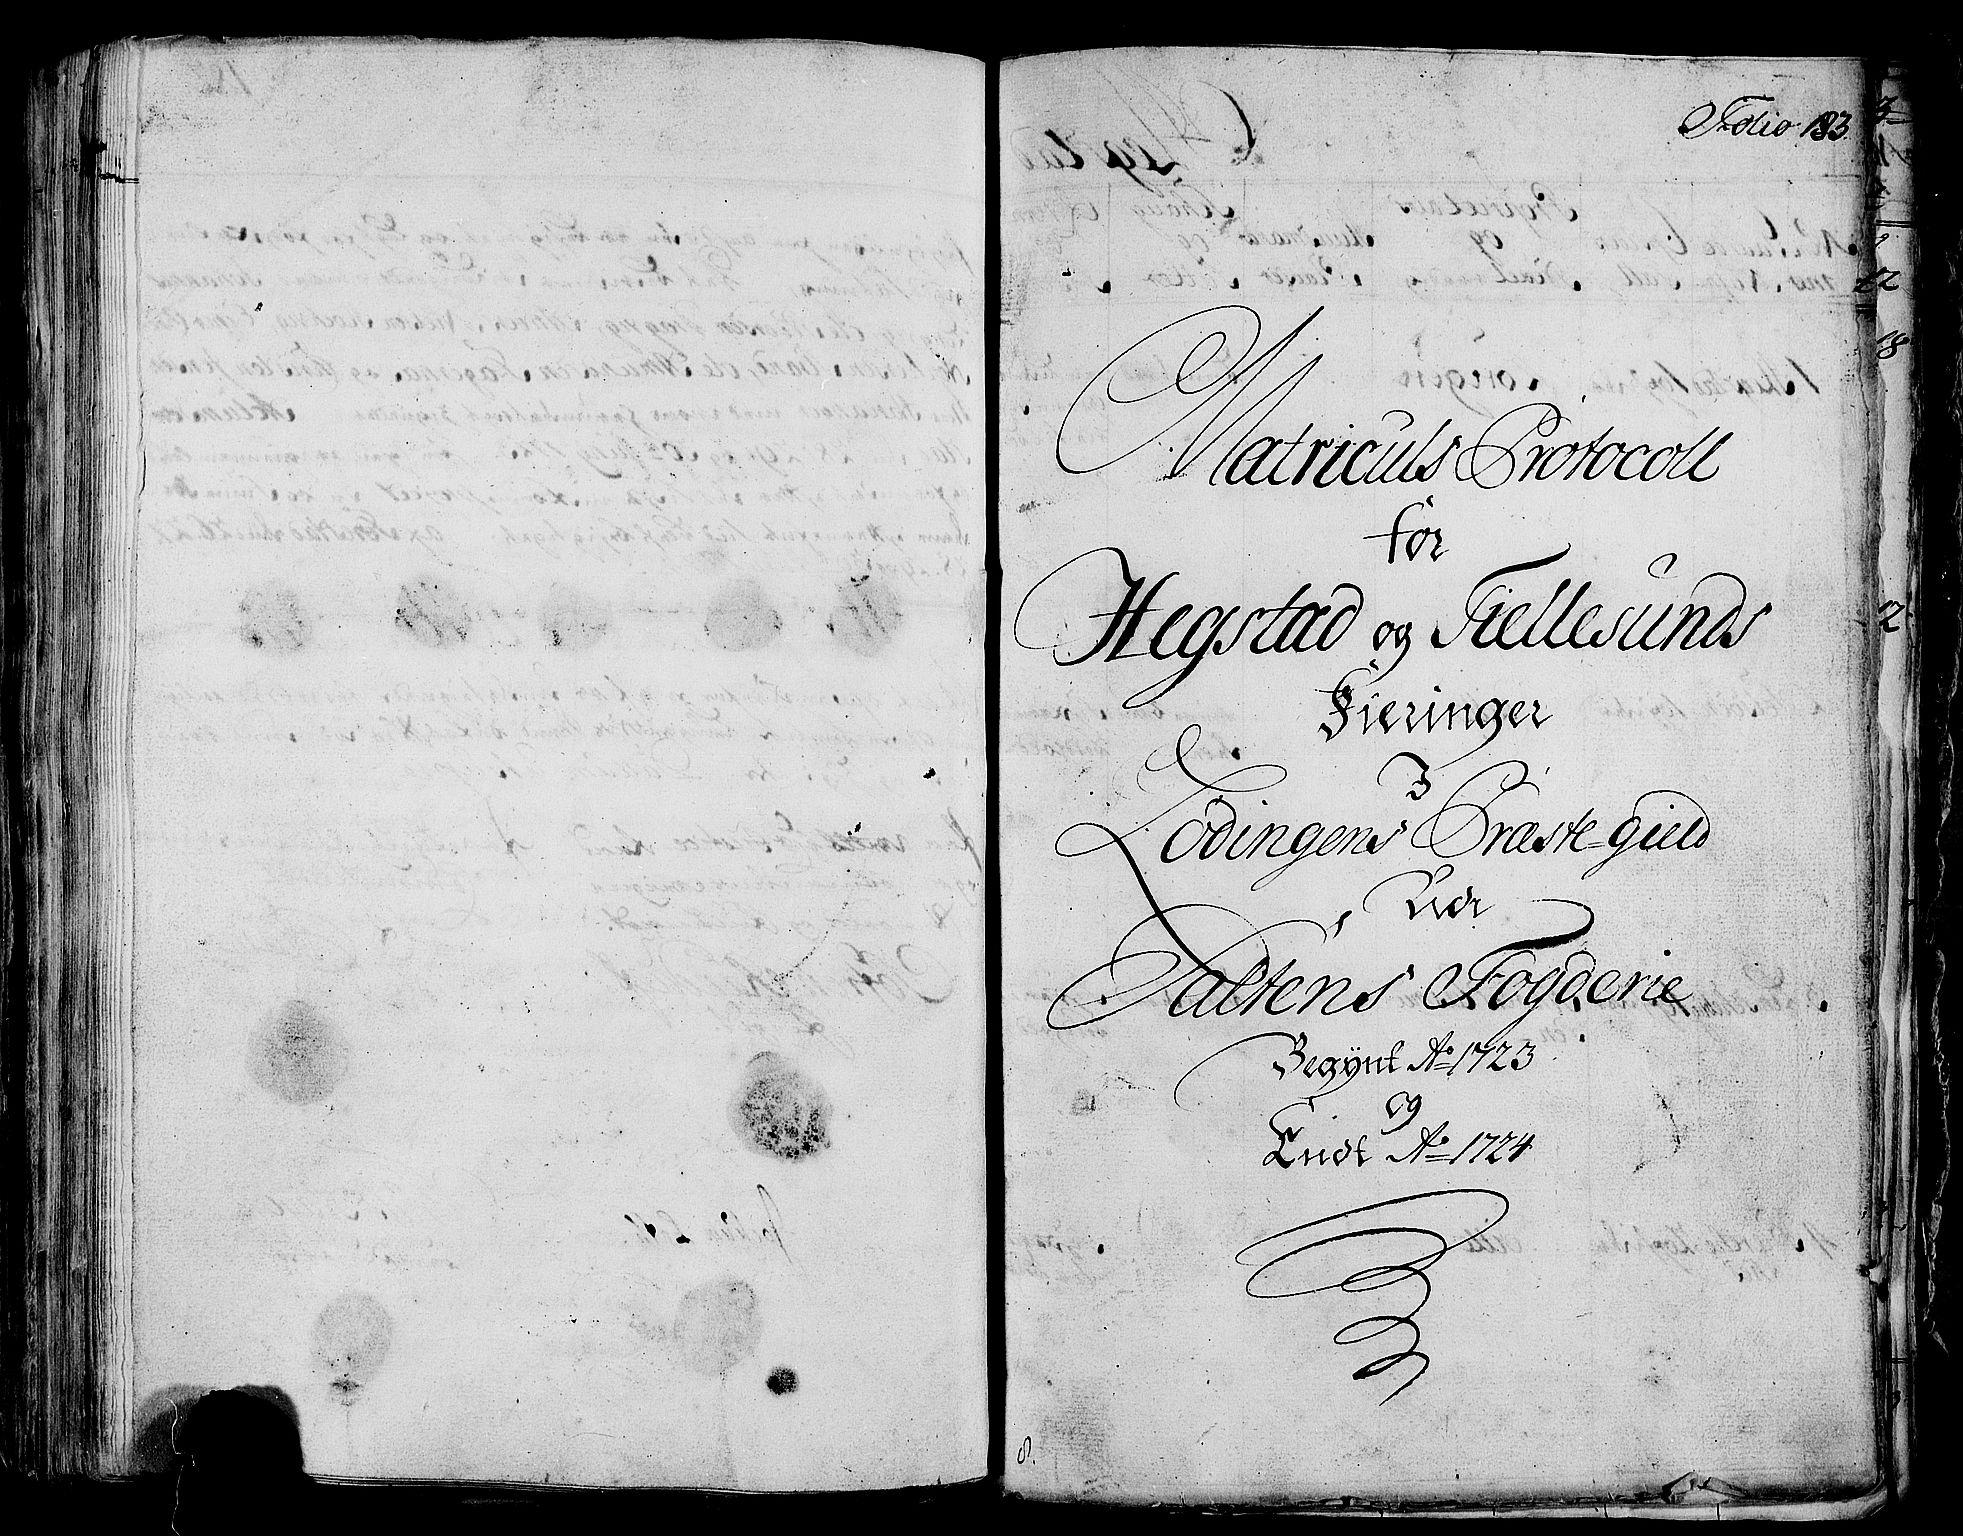 RA, Rentekammeret inntil 1814, Realistisk ordnet avdeling, N/Nb/Nbf/L0172: Salten eksaminasjonsprotokoll, 1723, s. 182b-183a